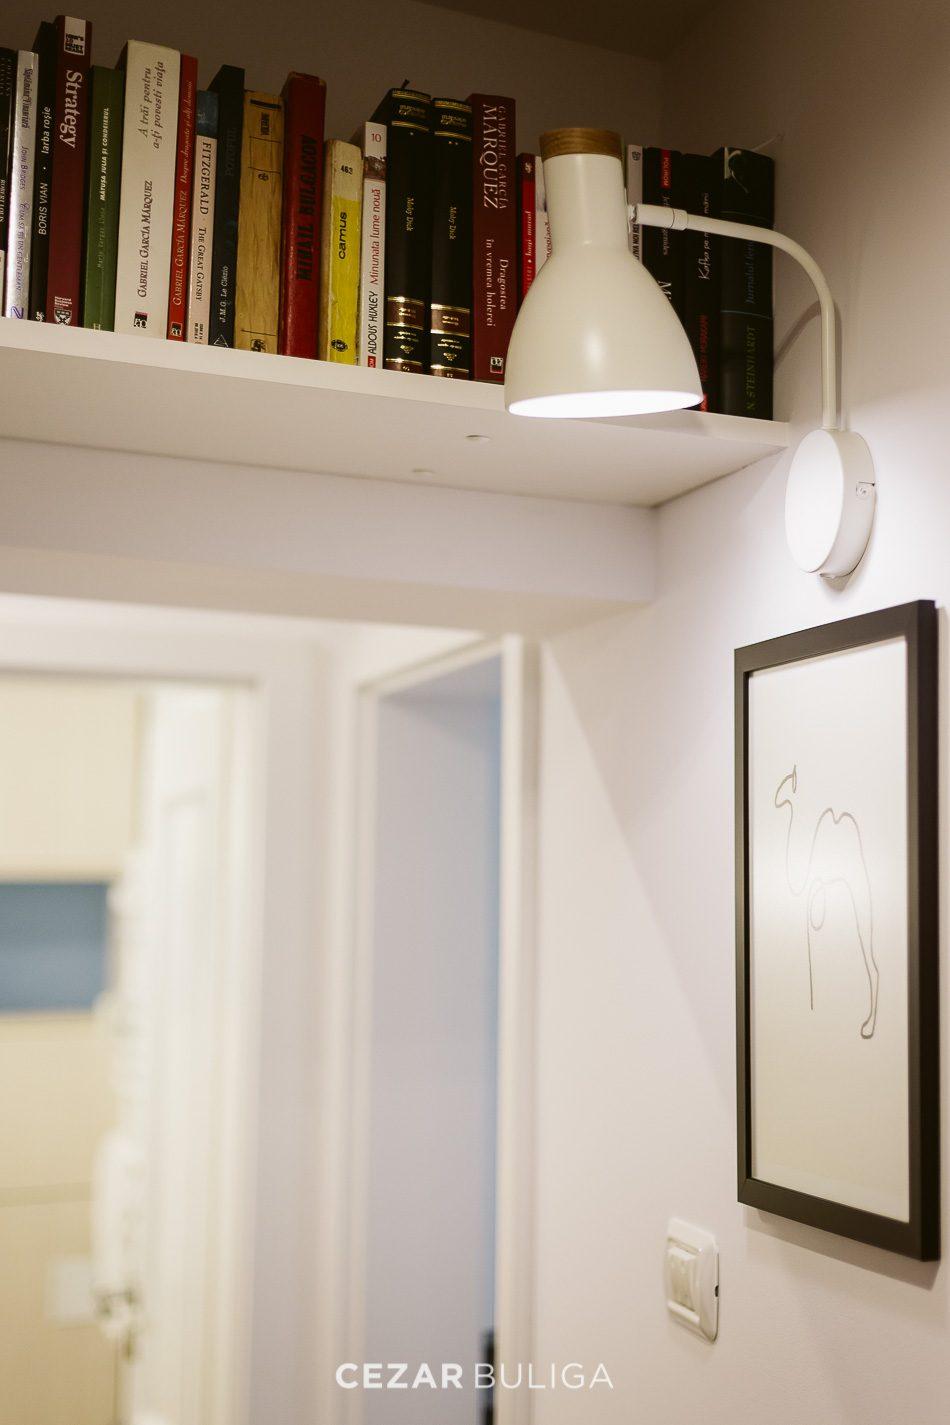 fotograf profesionist cezar buliga fotografie comerciala design de interior bucuresti arhitectura